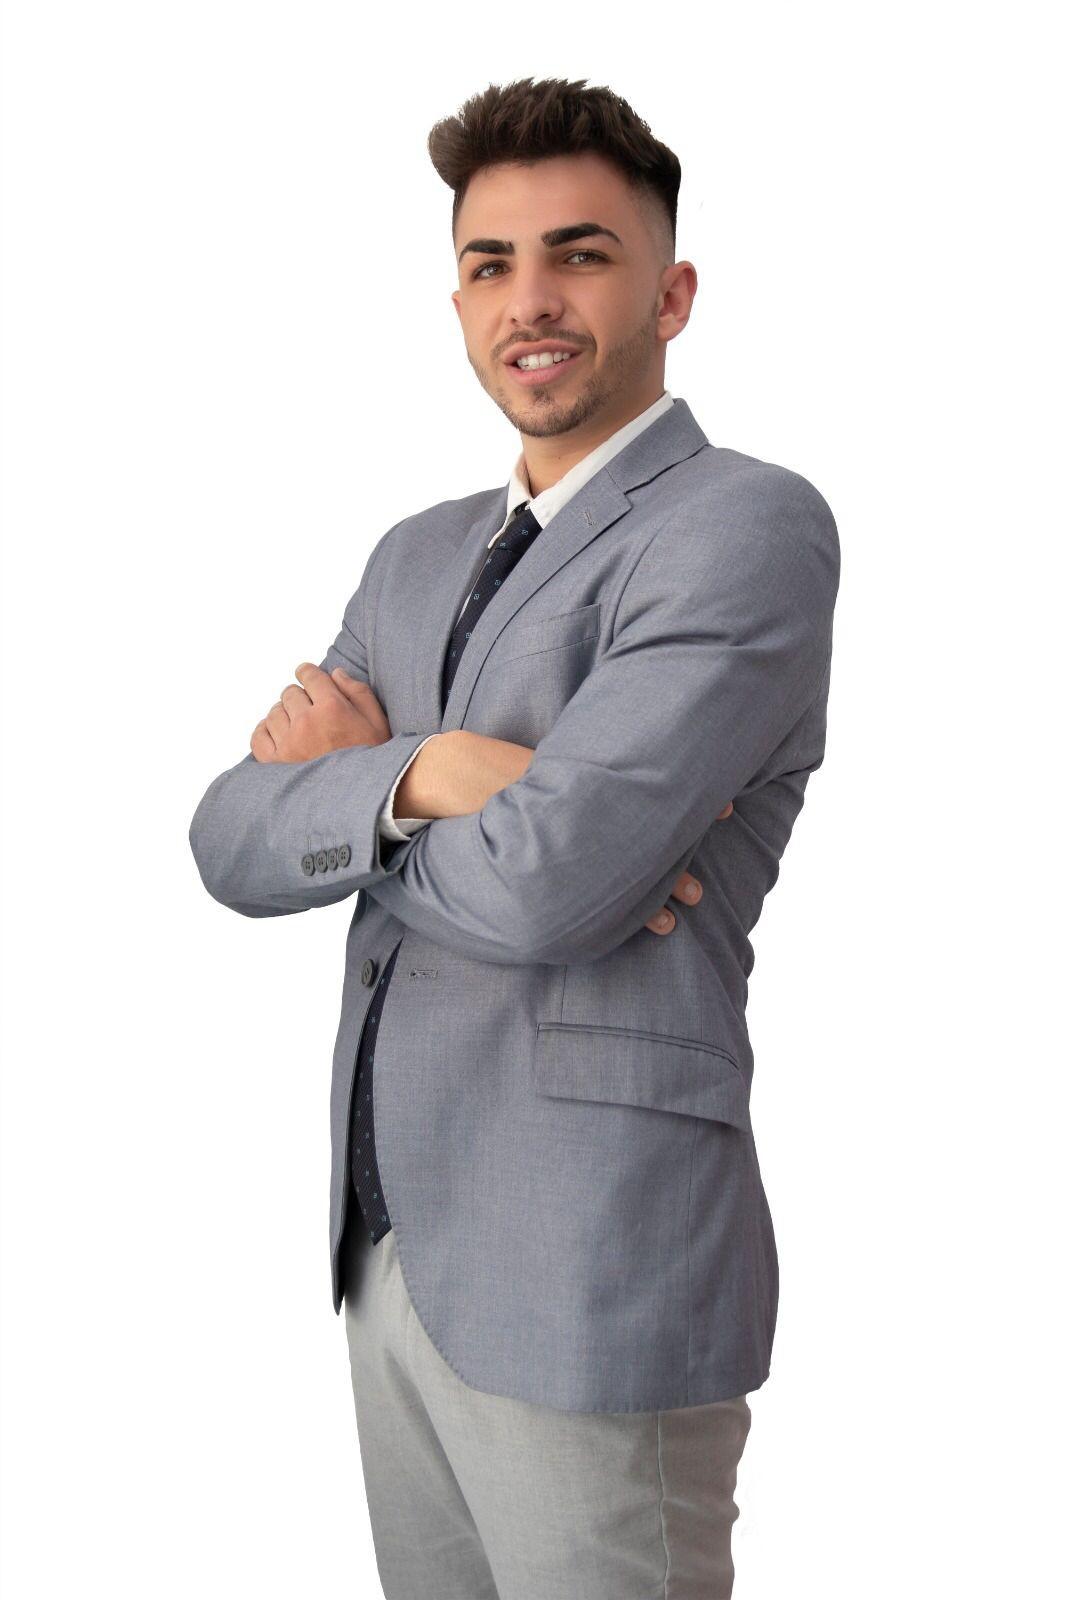 Alejandro Barrachina Camino